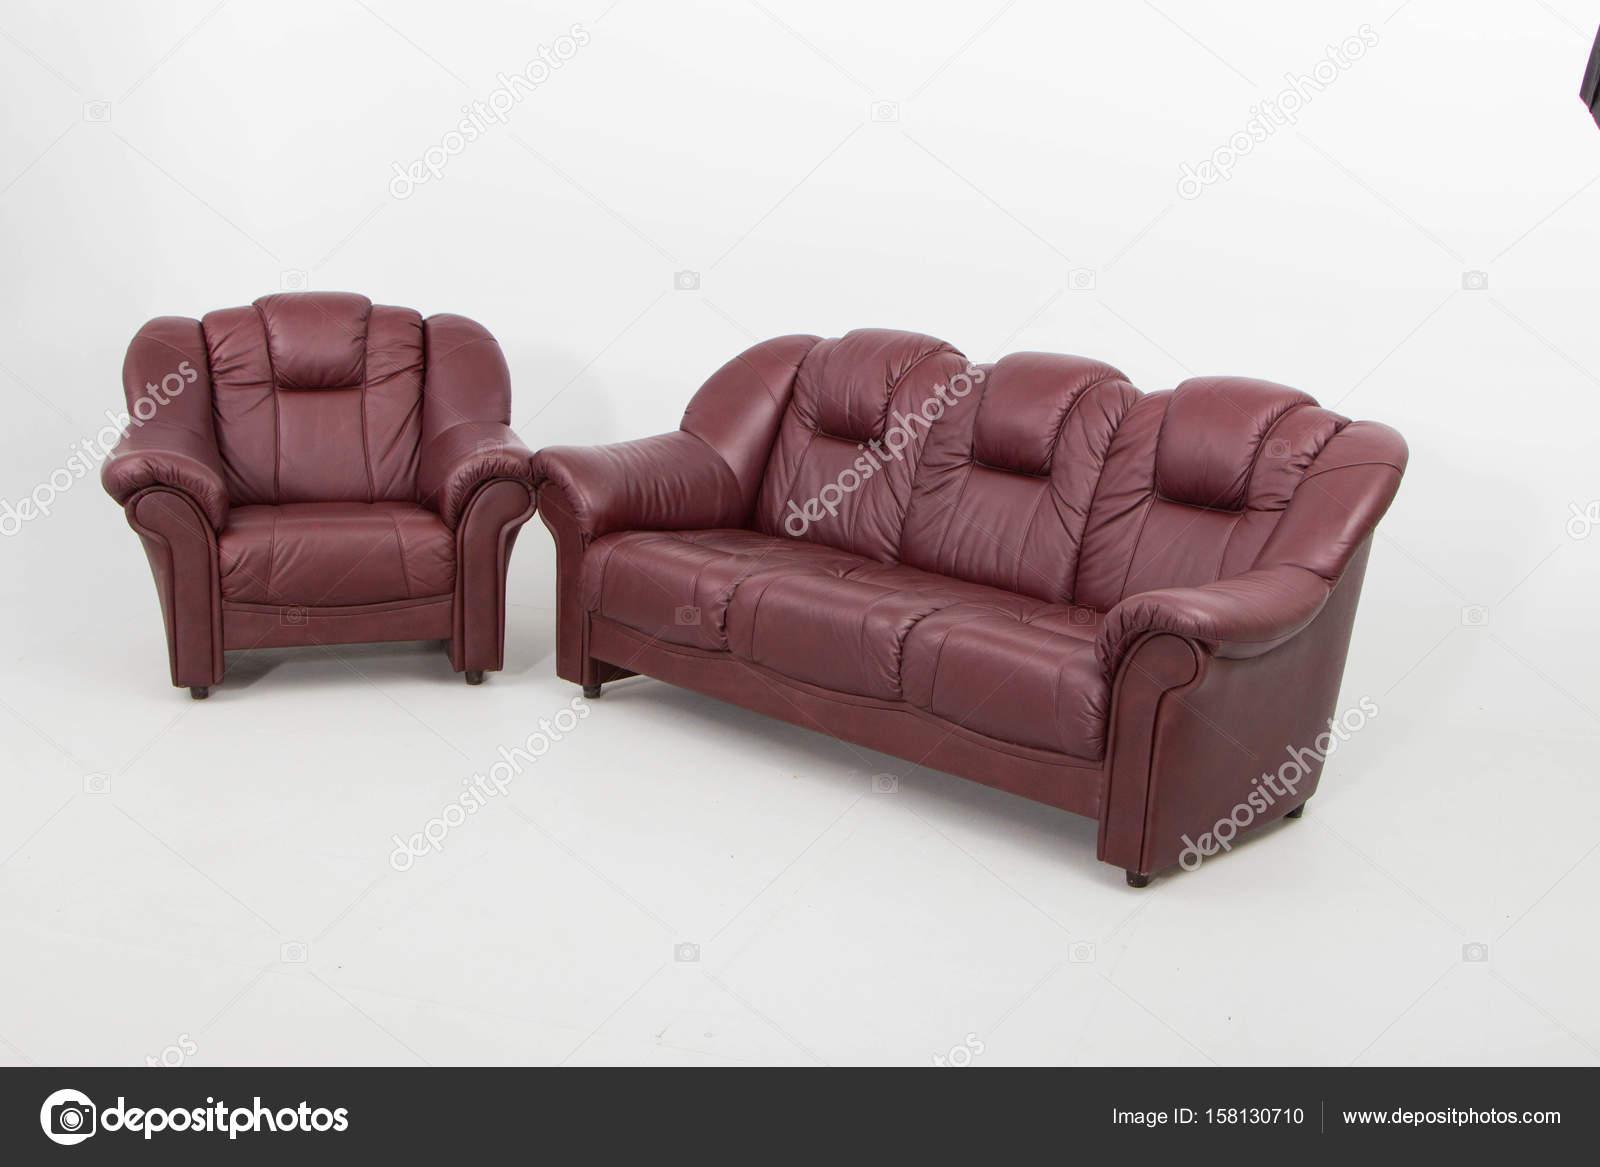 Antik Leder Stuhl Sessel Stockfoto C Jbgroup 158130710